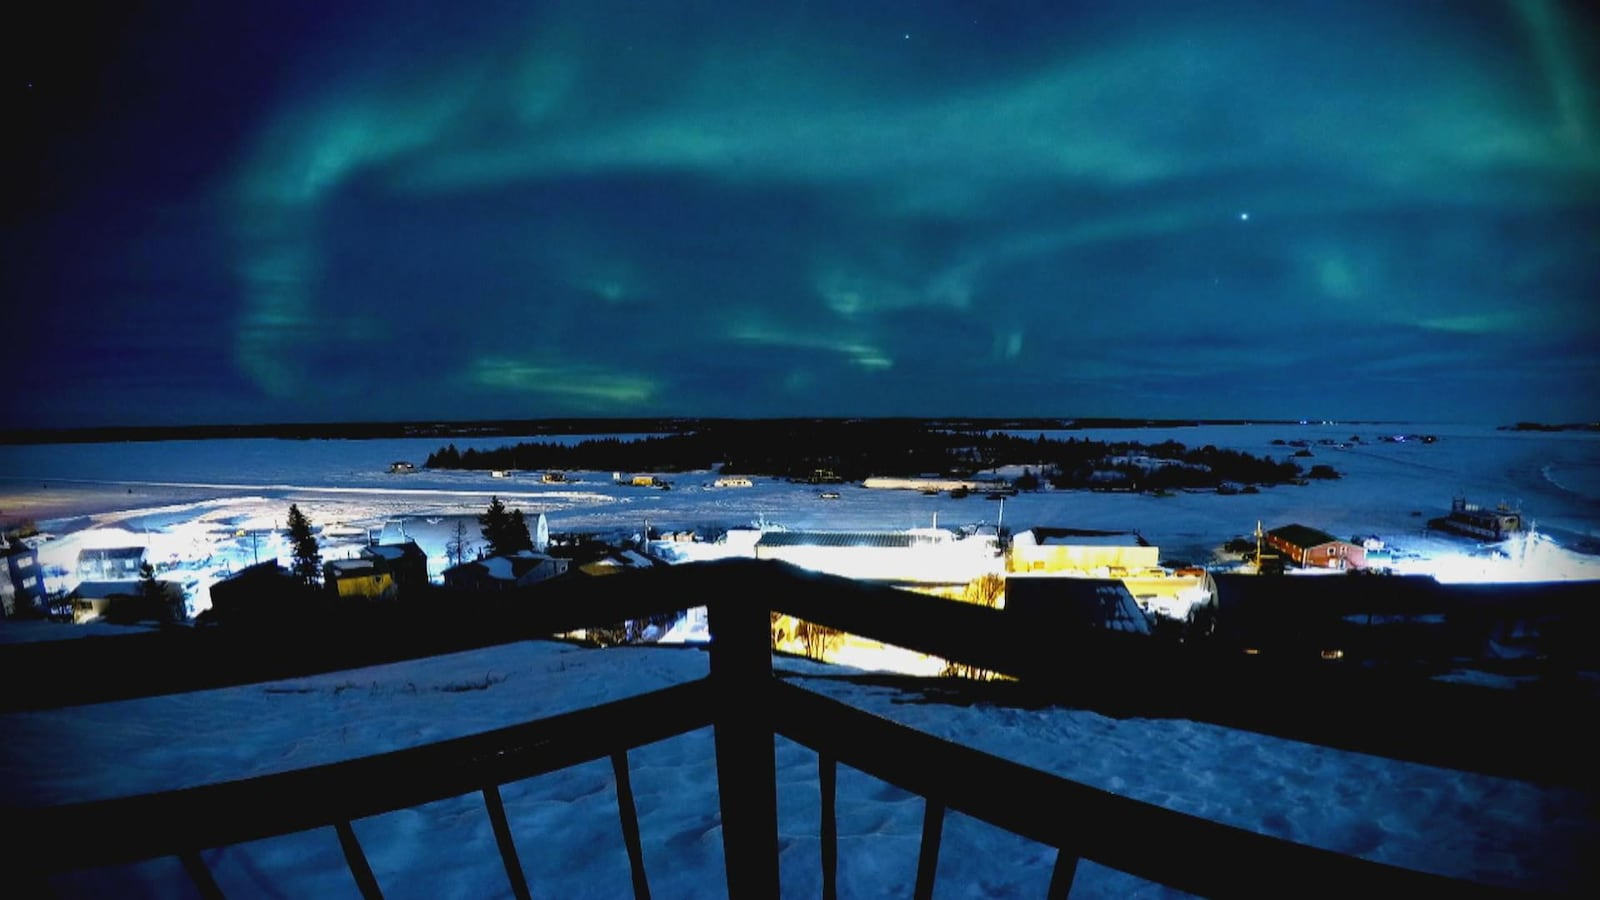 Des aurores boréales au-dessus de Yellowknife